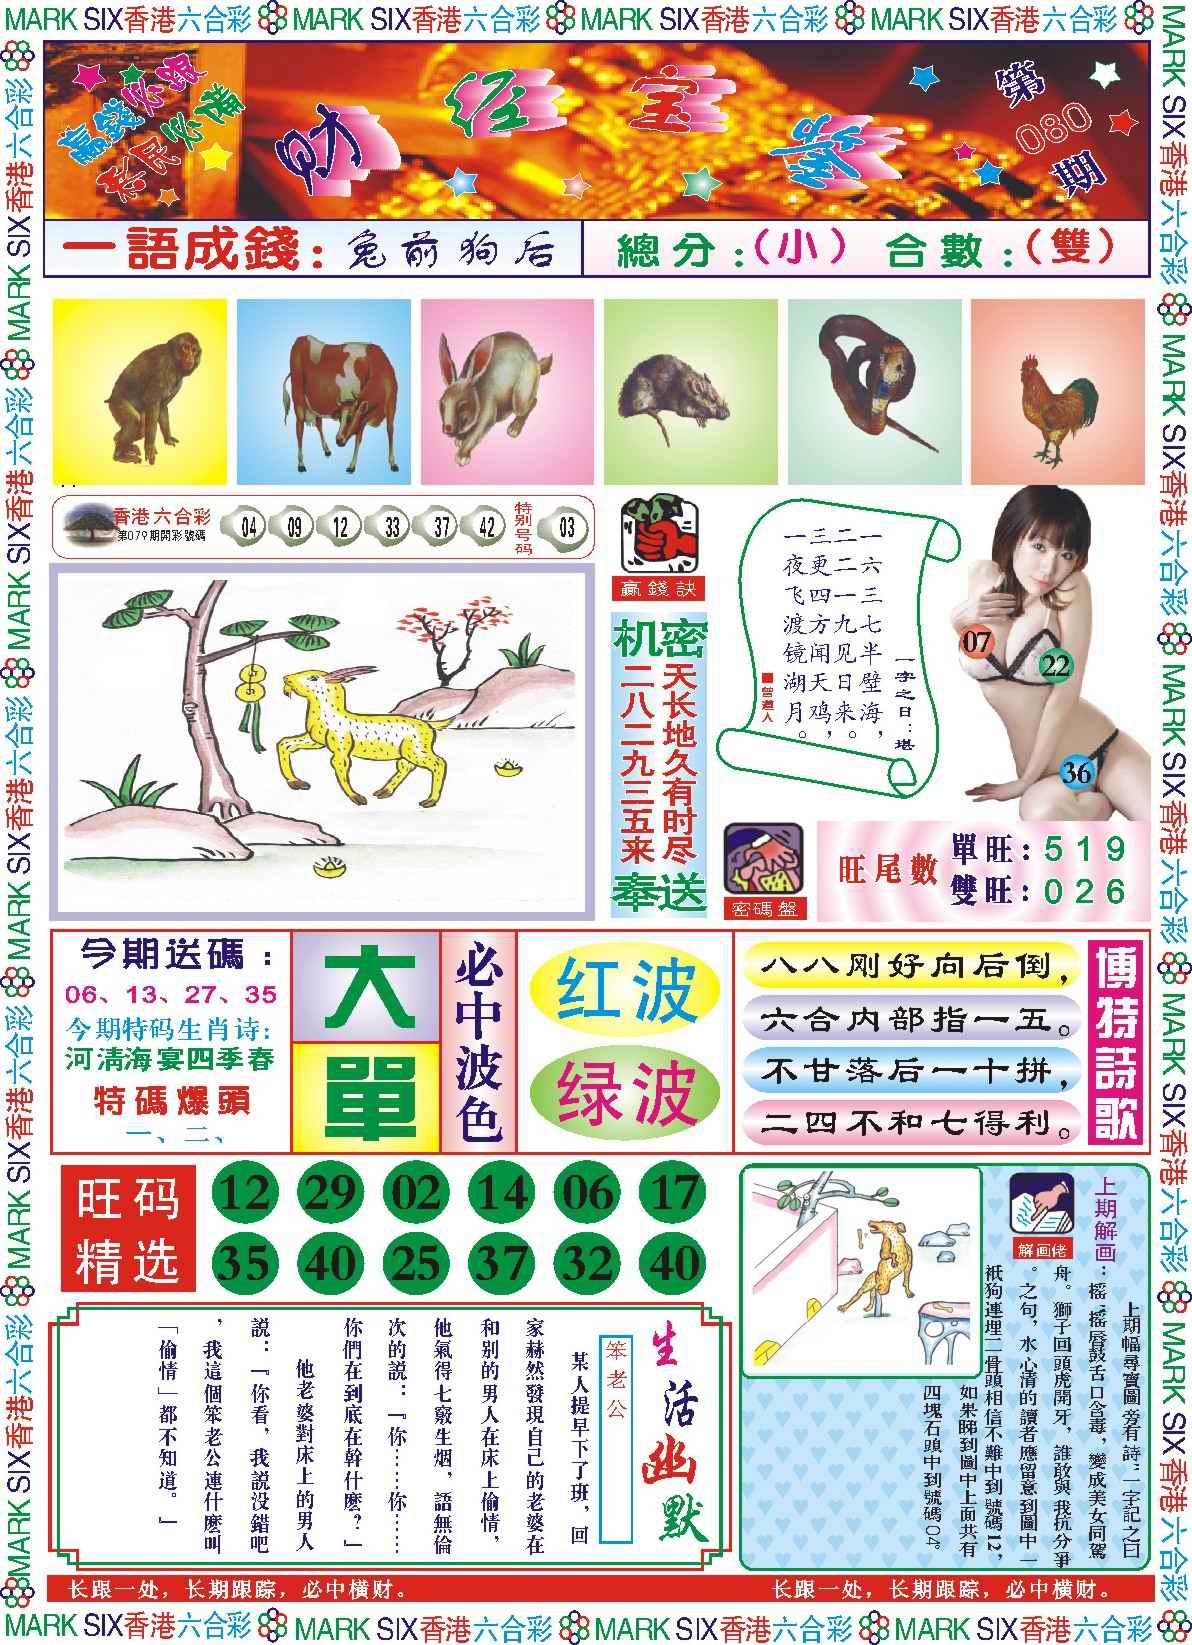 080期118财经宝鉴(新图)